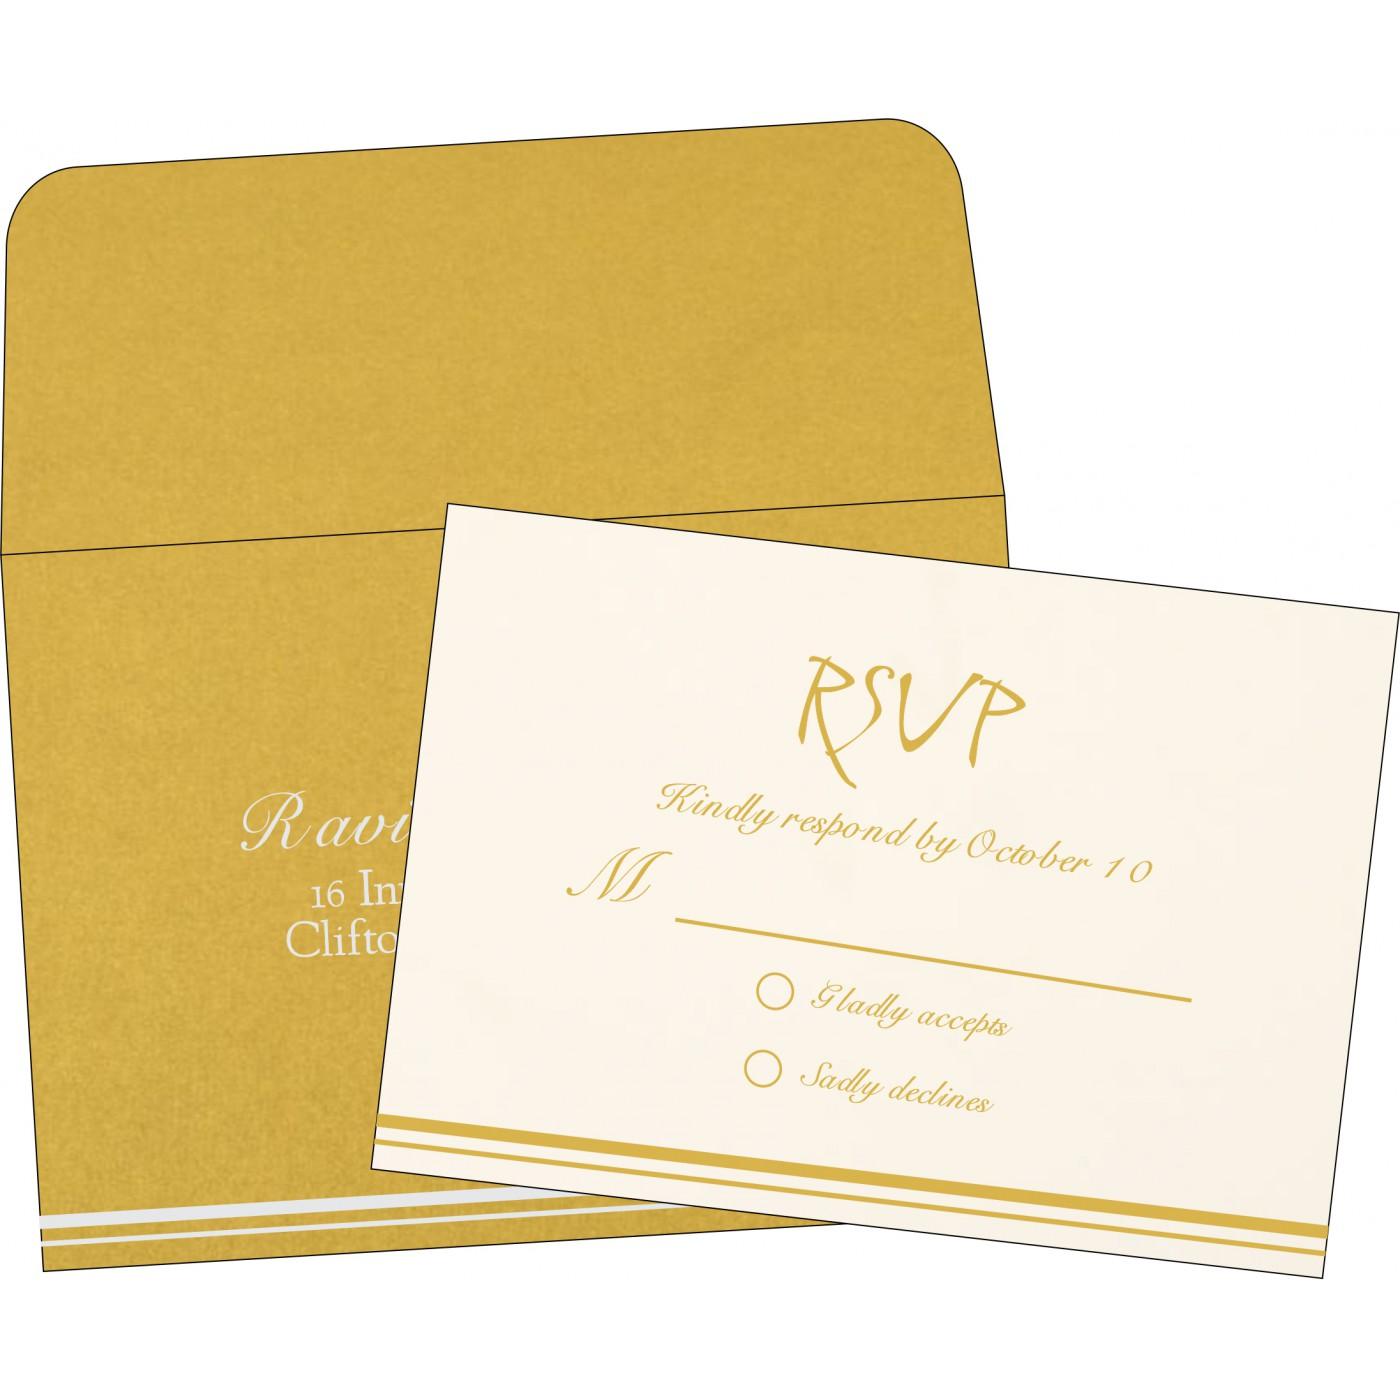 RSVP Cards : RSVP-1350 - 123WeddingCards